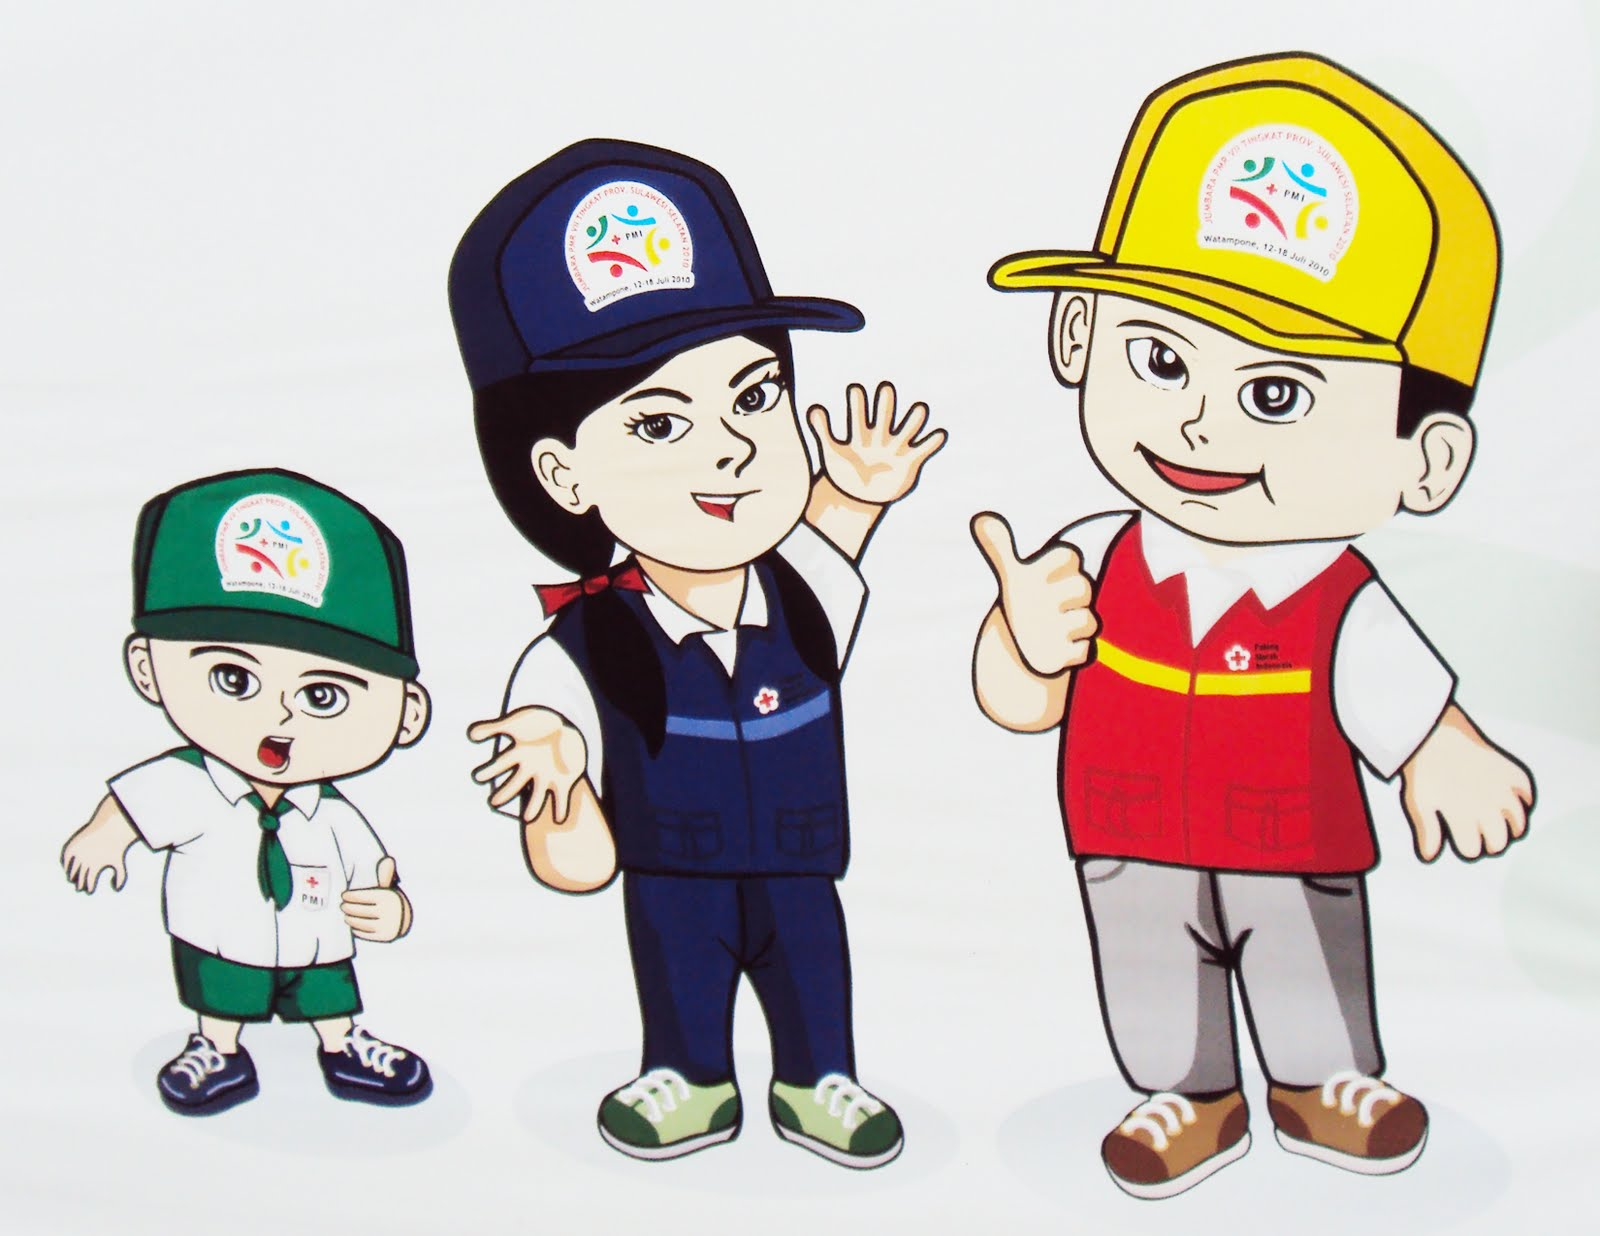 Gambar Kartun Anak Sekolah Smp